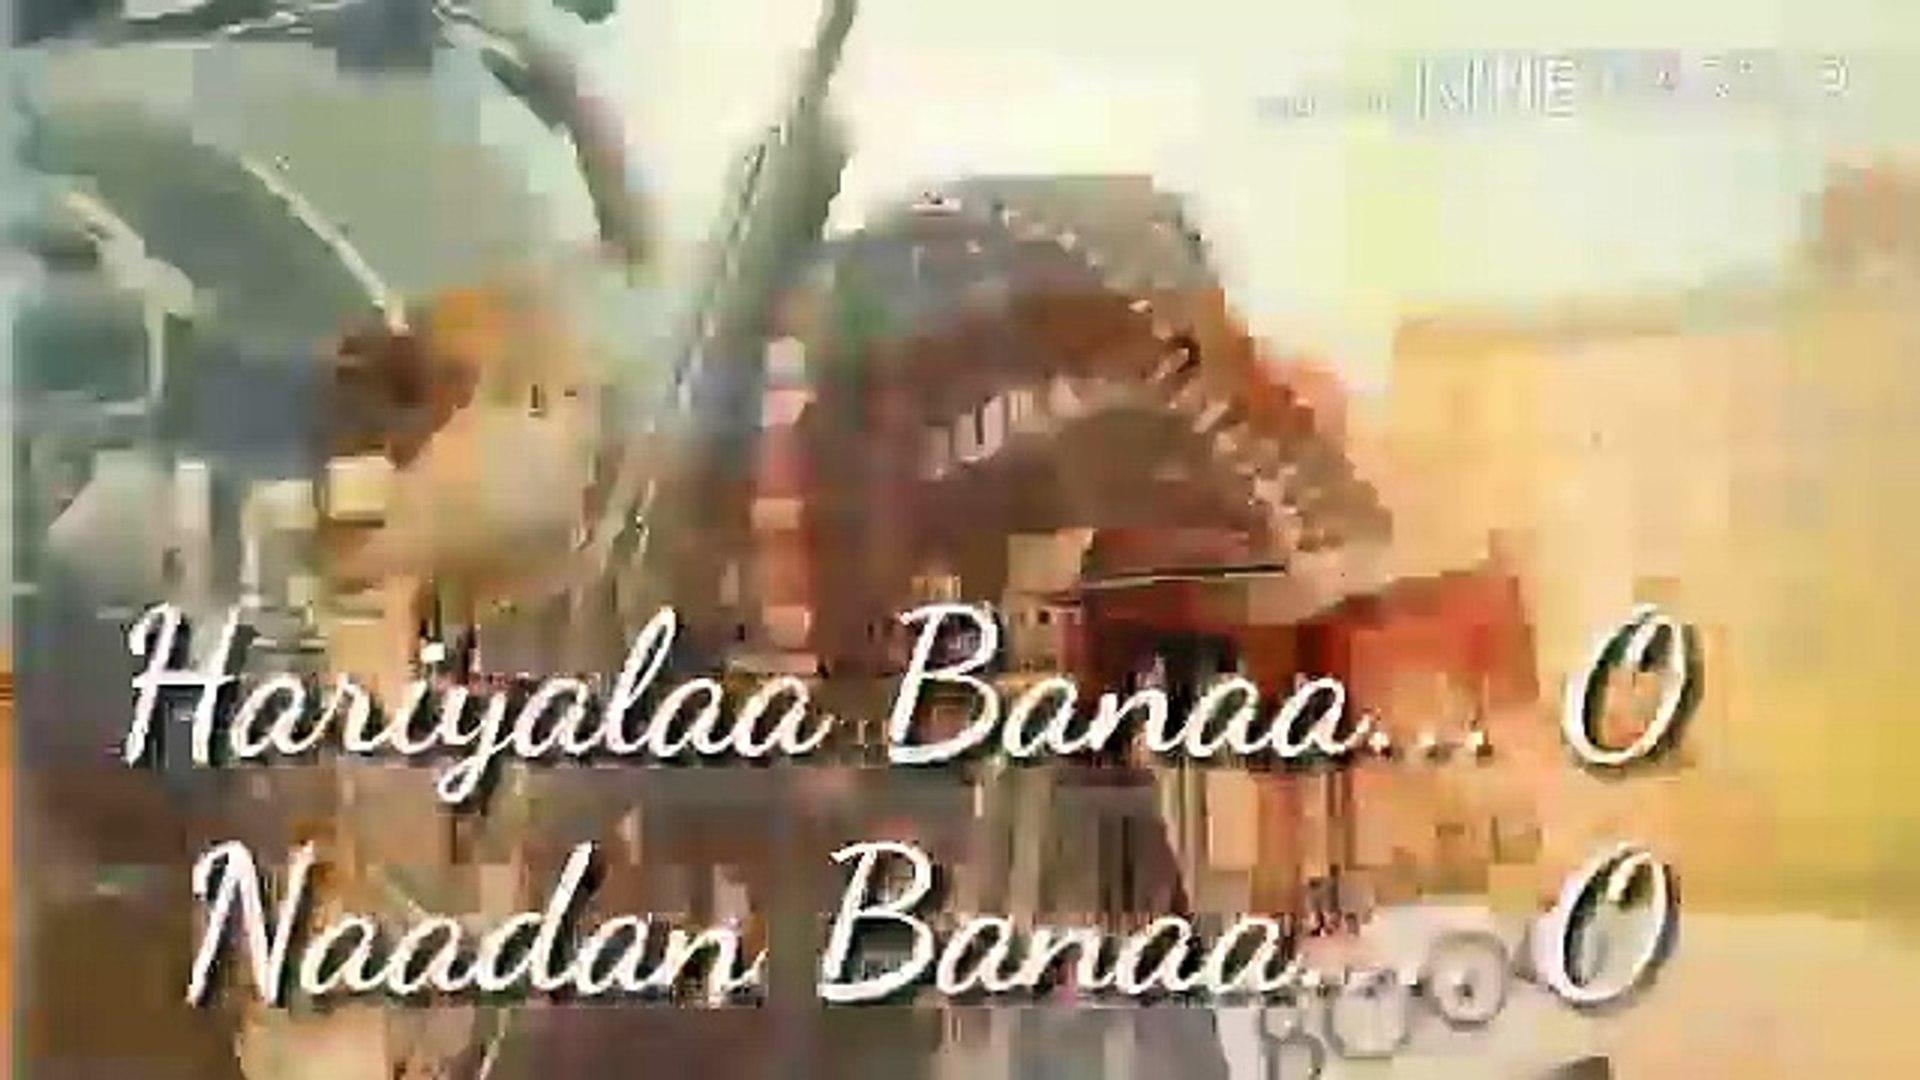 WhatsApp status Rajput Hariyala banaa o nadaan banaa hariyala banna|new  rajasthani song|r